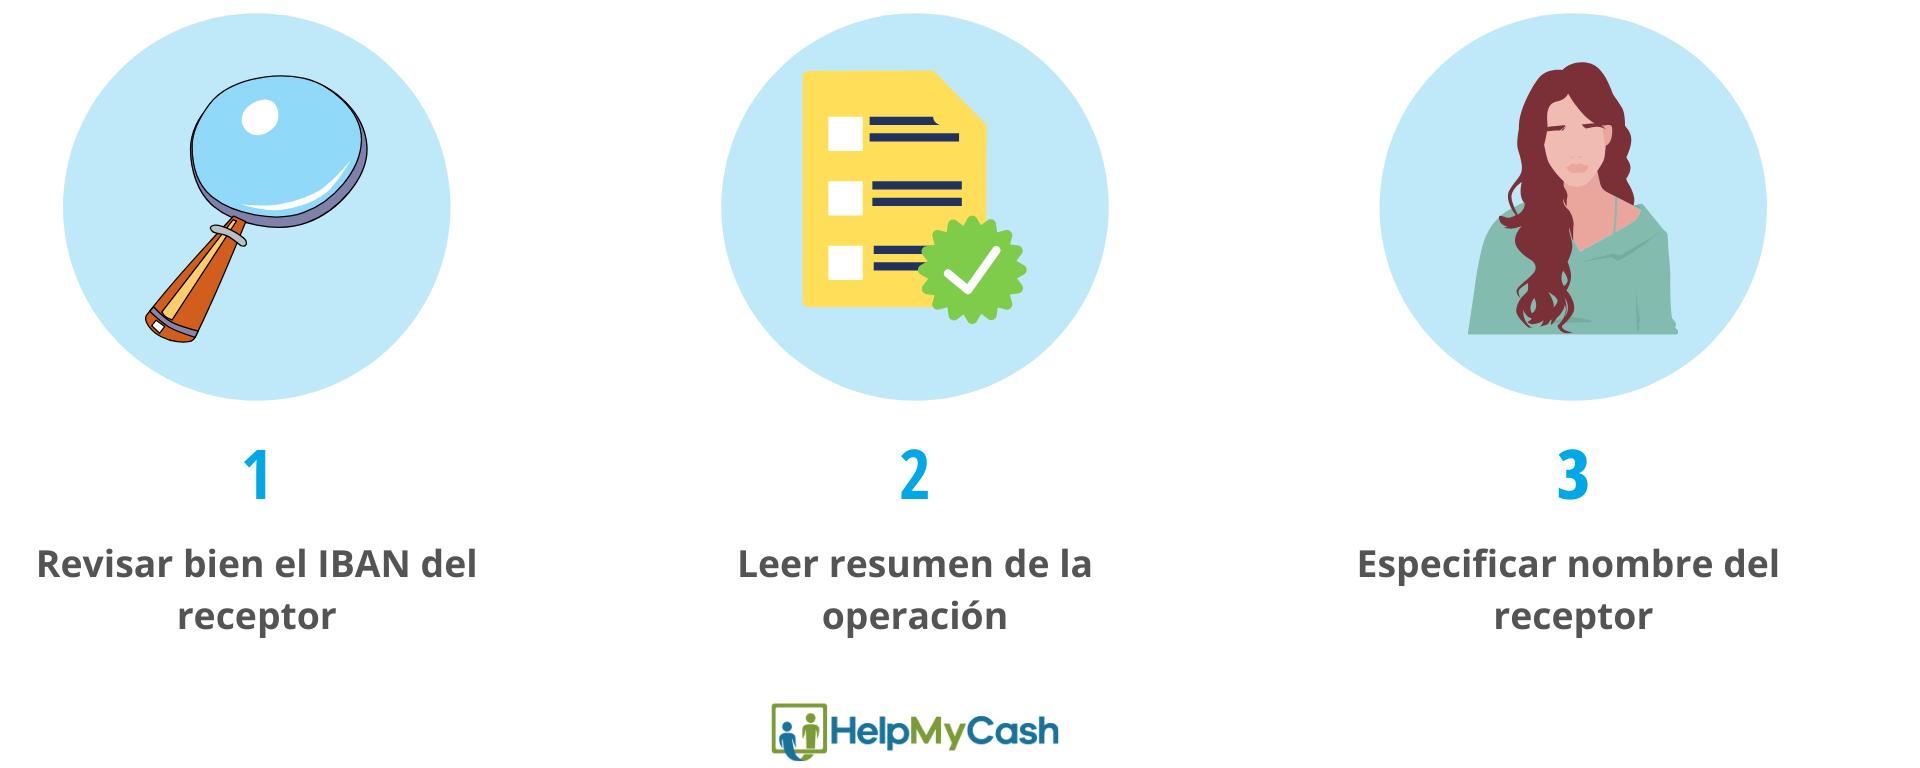 evitar errores en las transferencias bancarias: 1- revisar bien el IBAN del receptor. 2- leer el resumen de la operación. 3- especificar nombre del receptor